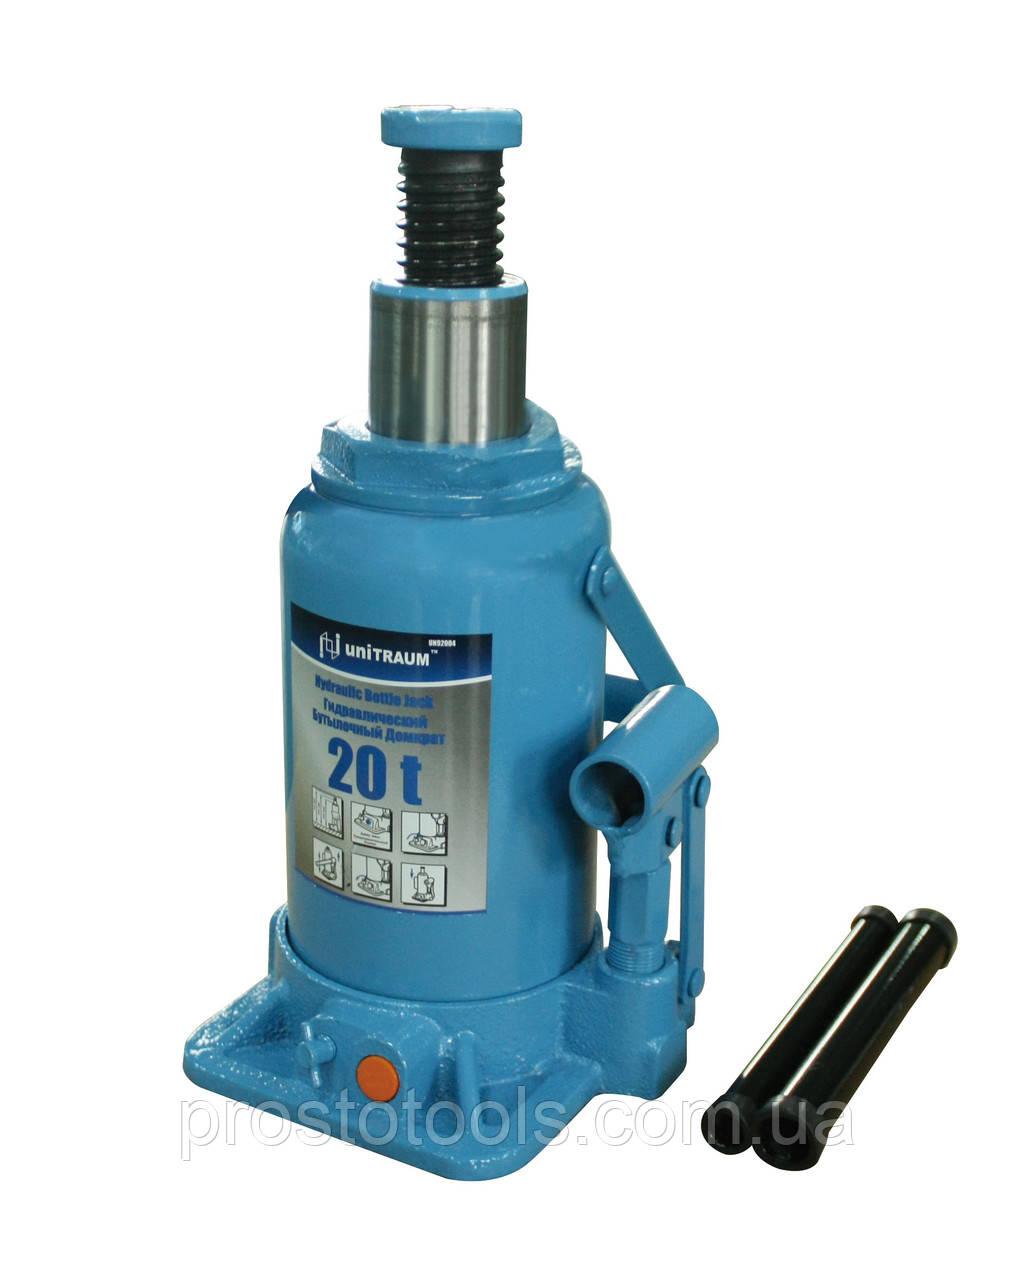 Домкрат бутылочный гидравлический 20т Unitraum  UN92004